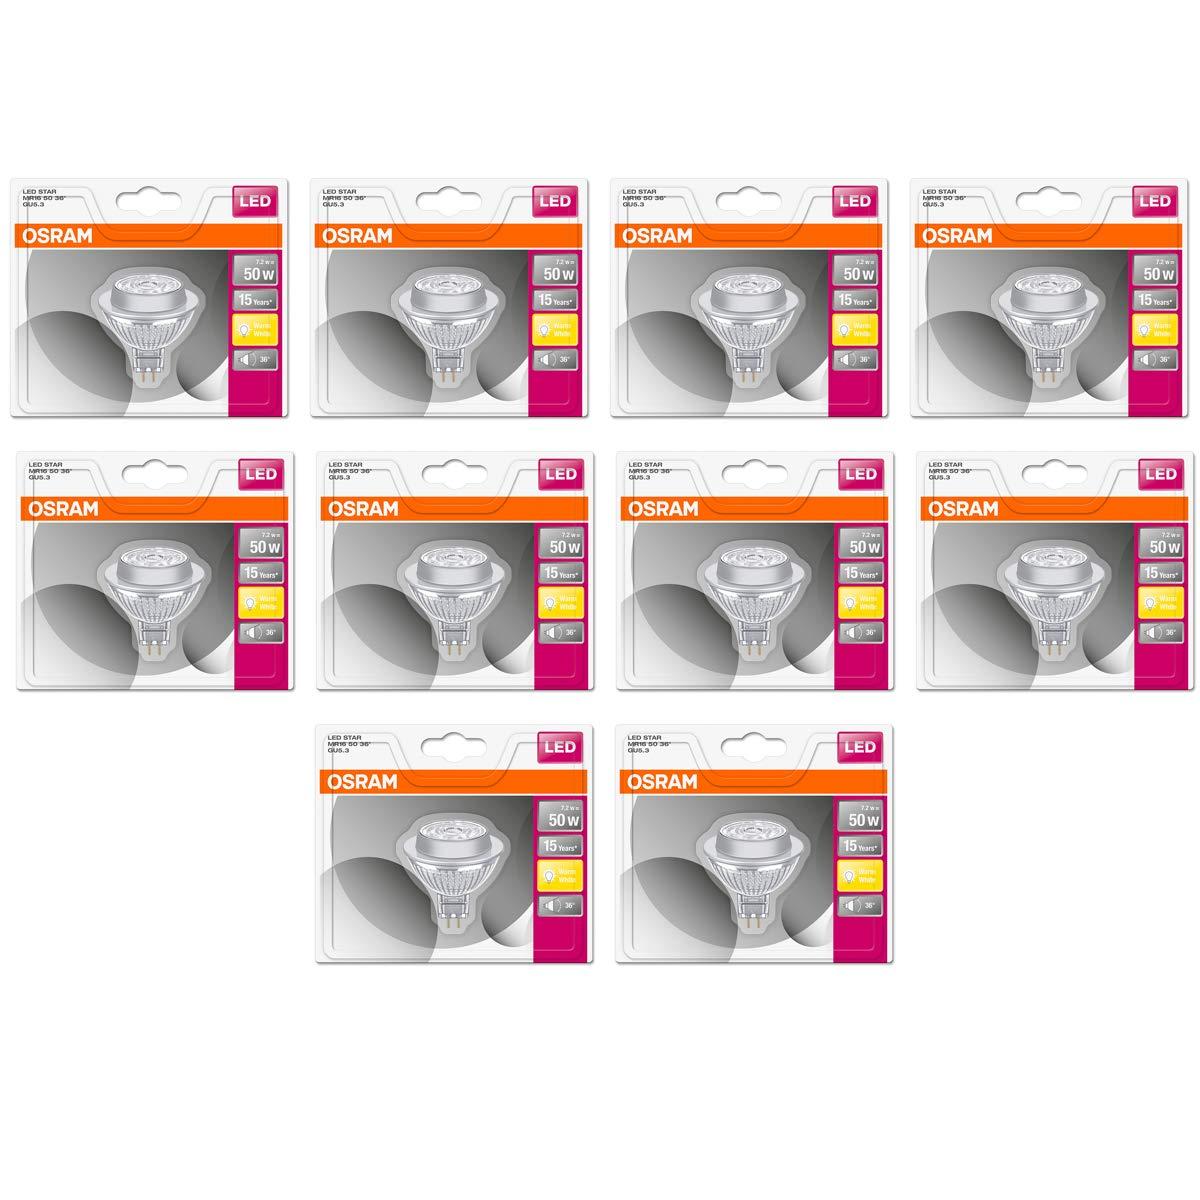 Osram Led Superstar Glas Mr16 Gu5 3 7 8w 50w 621lm Warmweiss